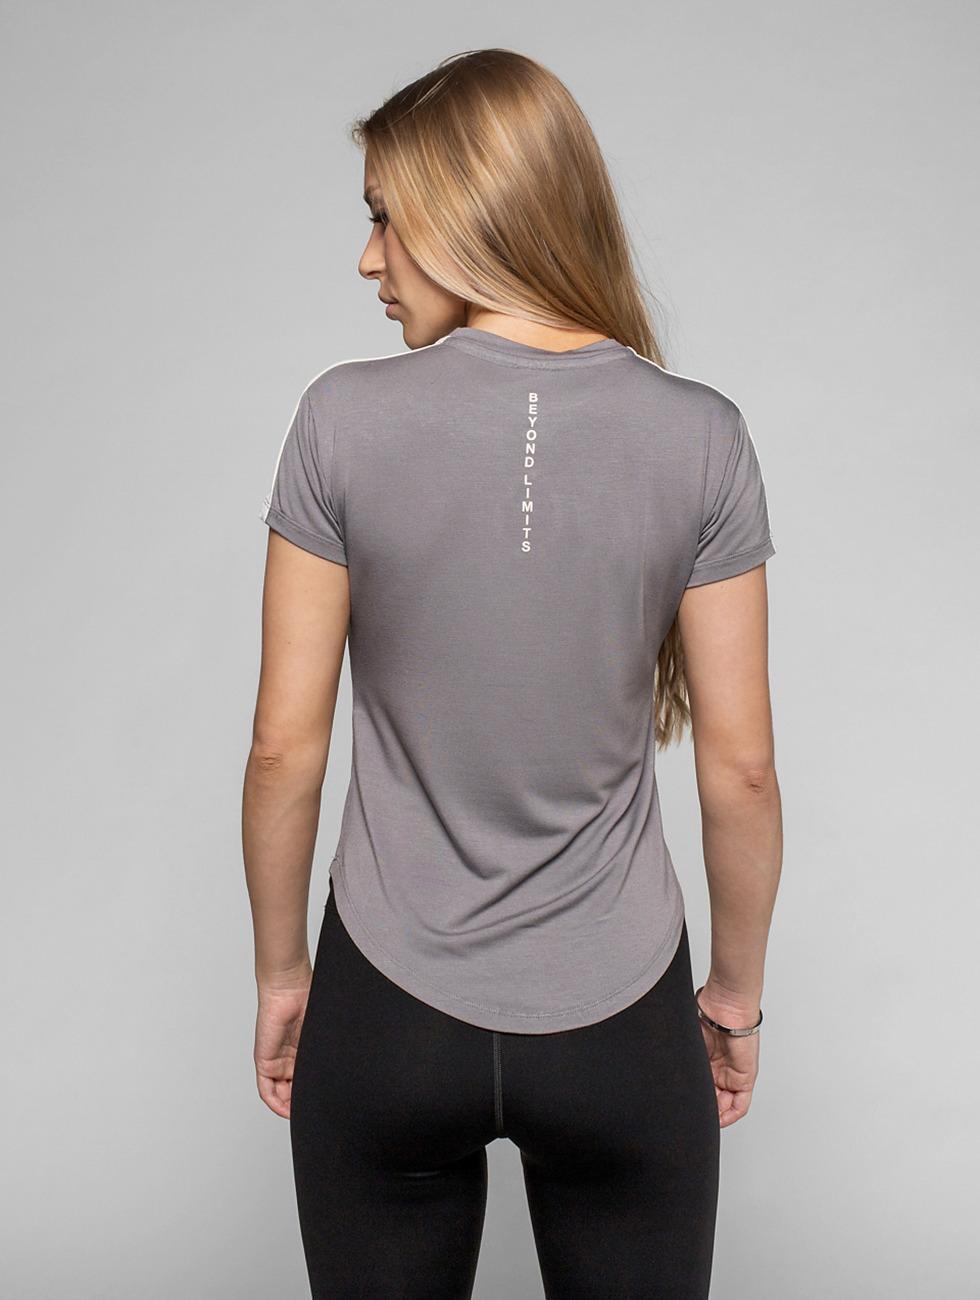 Beyond Limits T-shirt Statement grigio